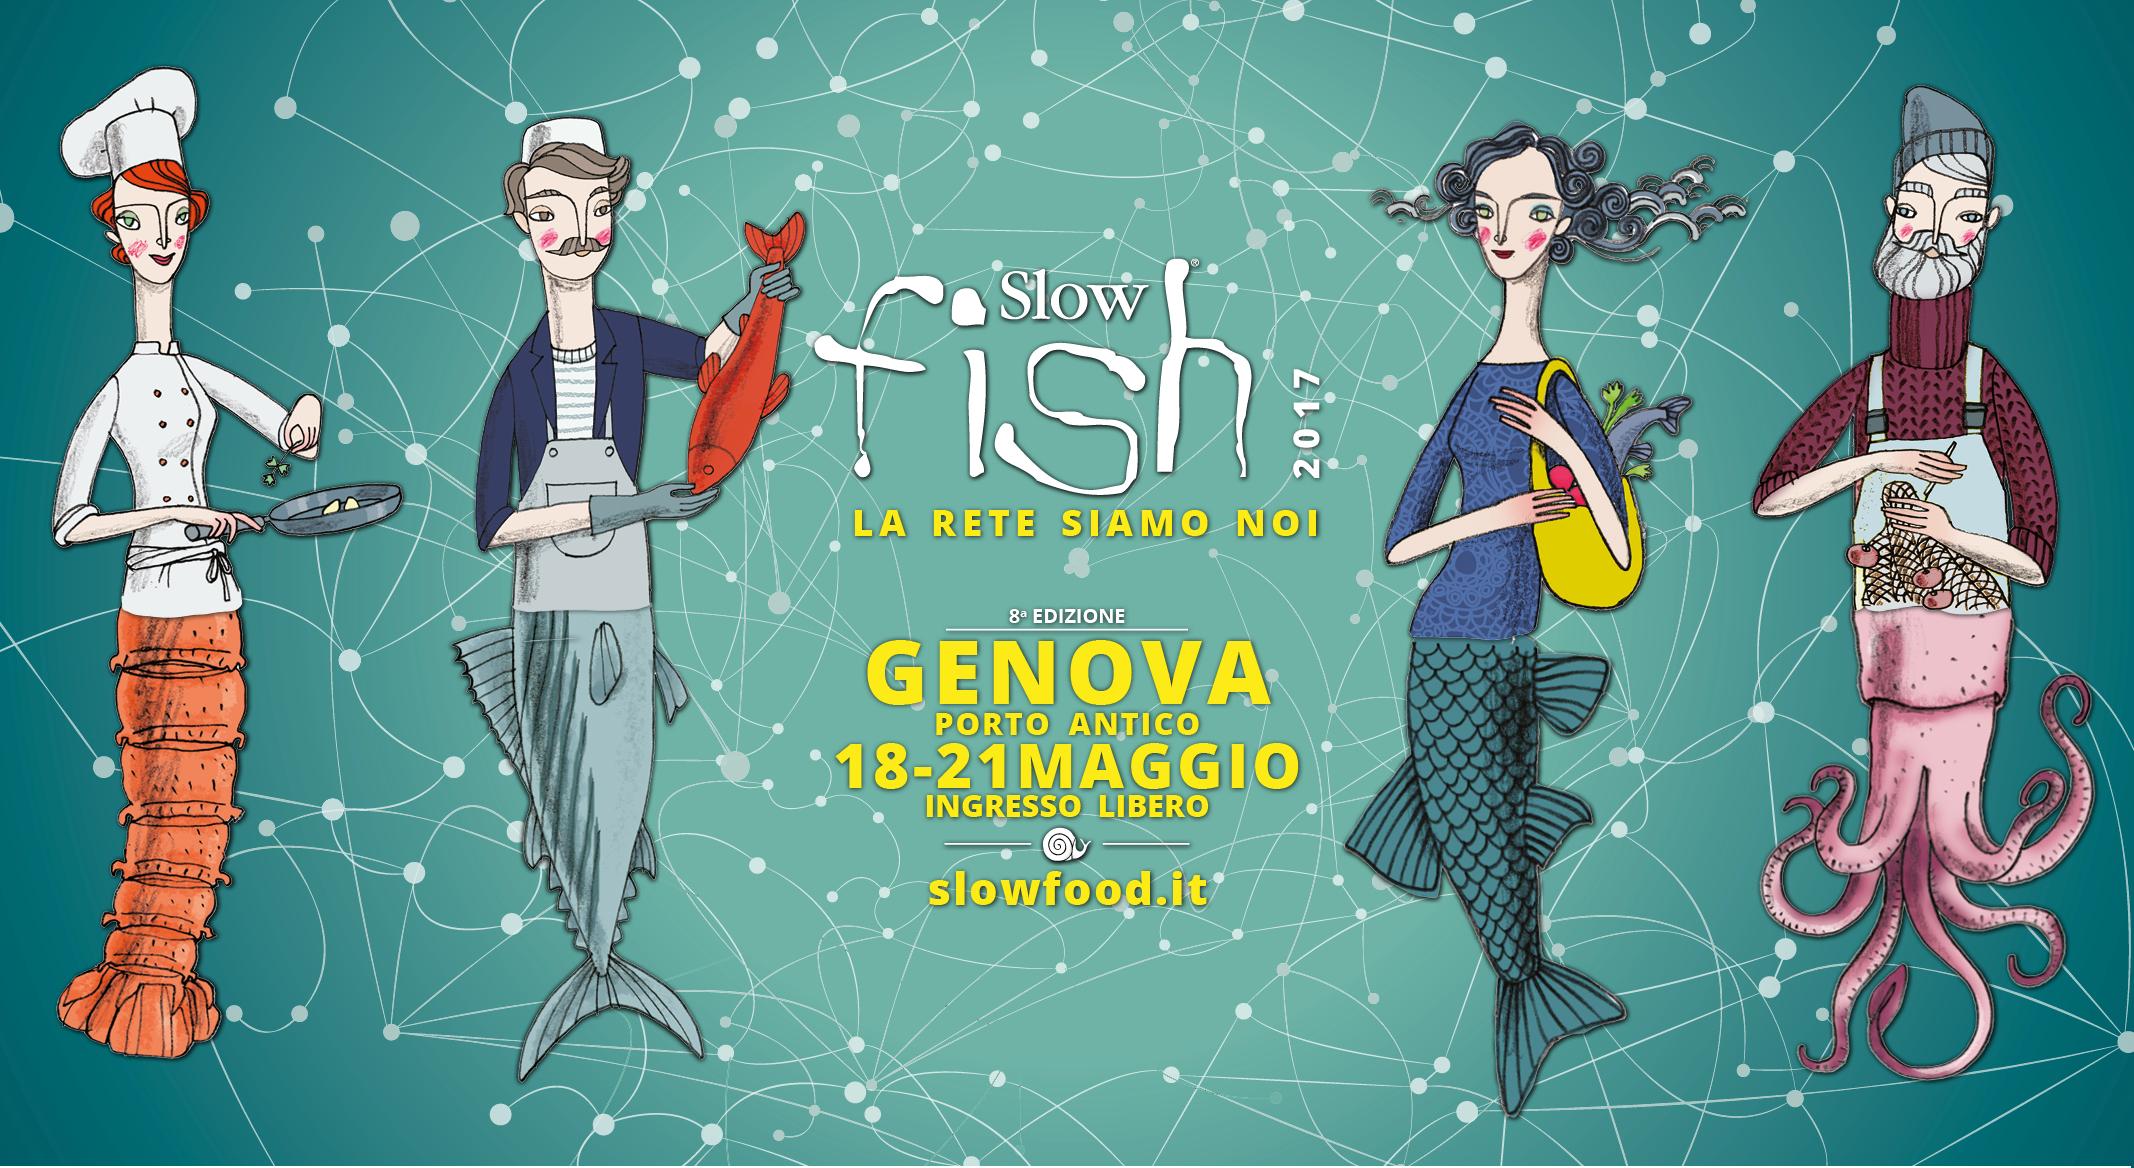 REGIONE LOMBARDIA A SLOW FISH 2017